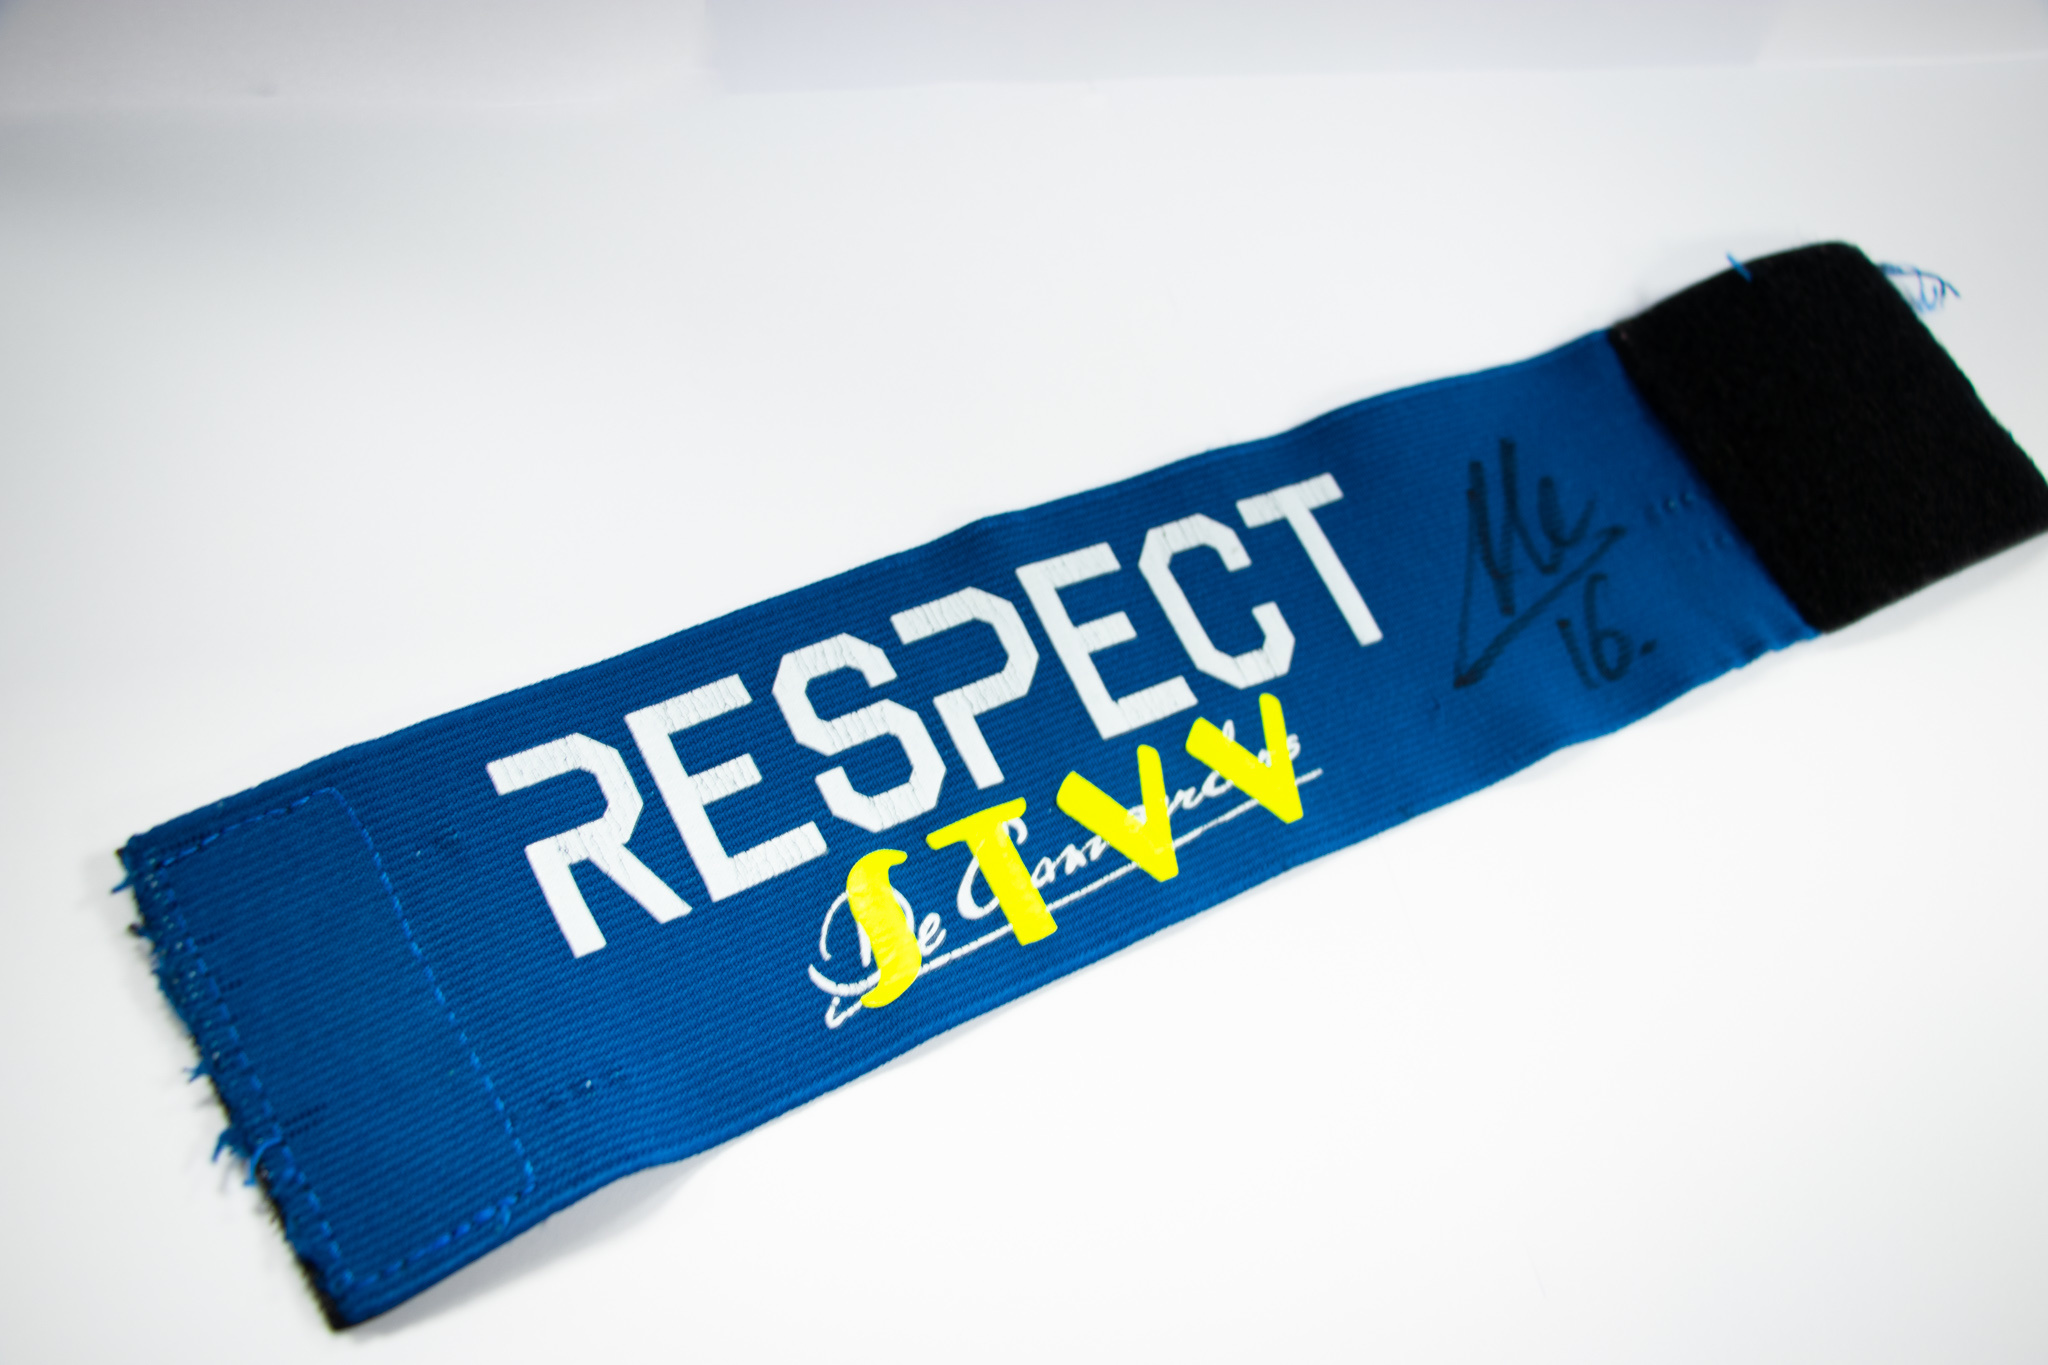 Captain band worn by Steve De Ridder 2020-2021